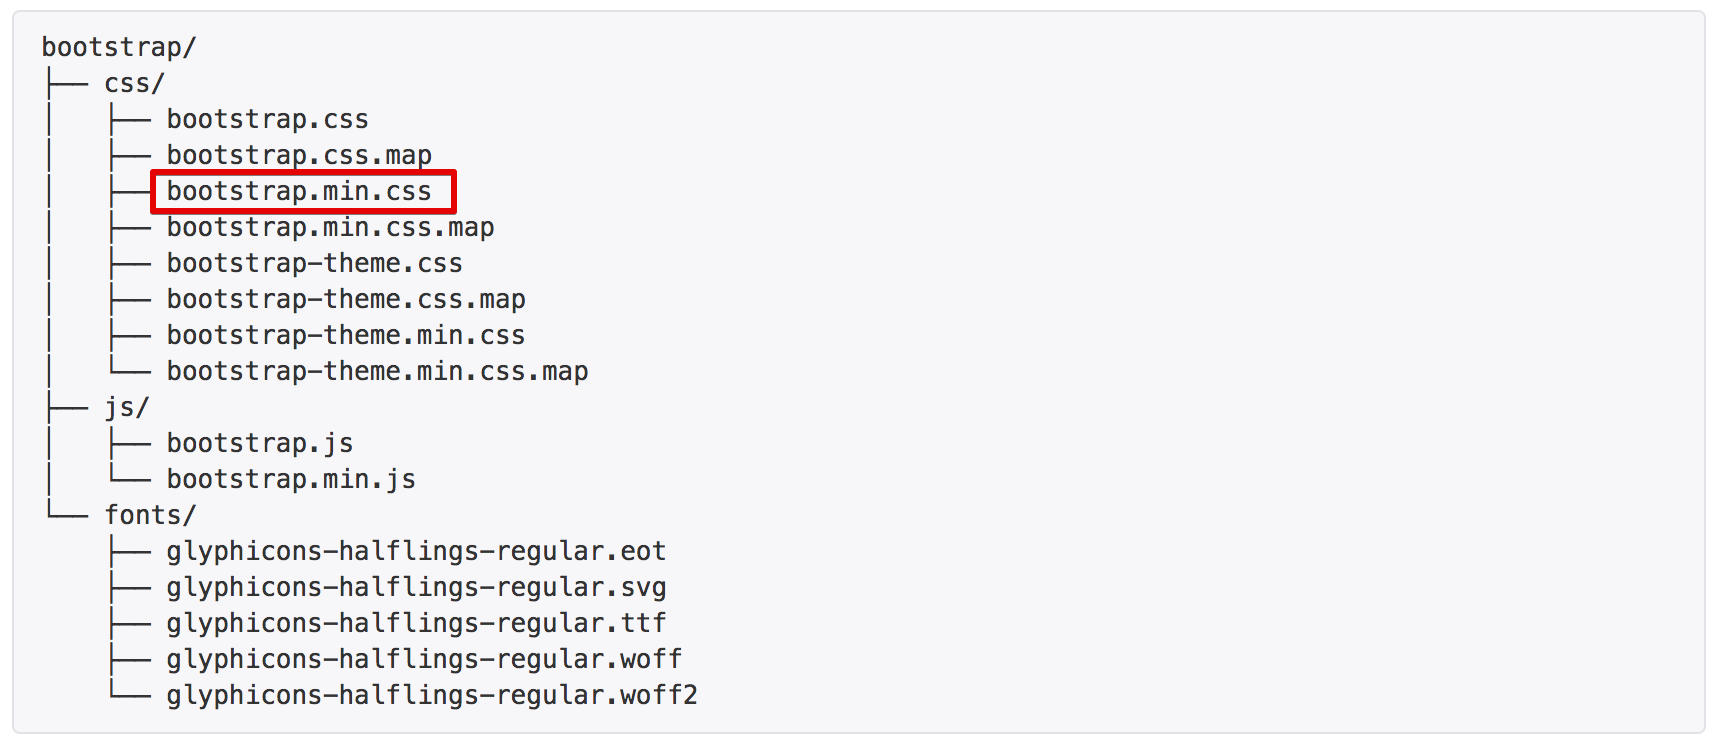 673f64f3eae949efcdce3a205370d41b - WordPress初心者にオススメ。Bootstrapで楽々CSSが書けるので使い方を簡単に解説